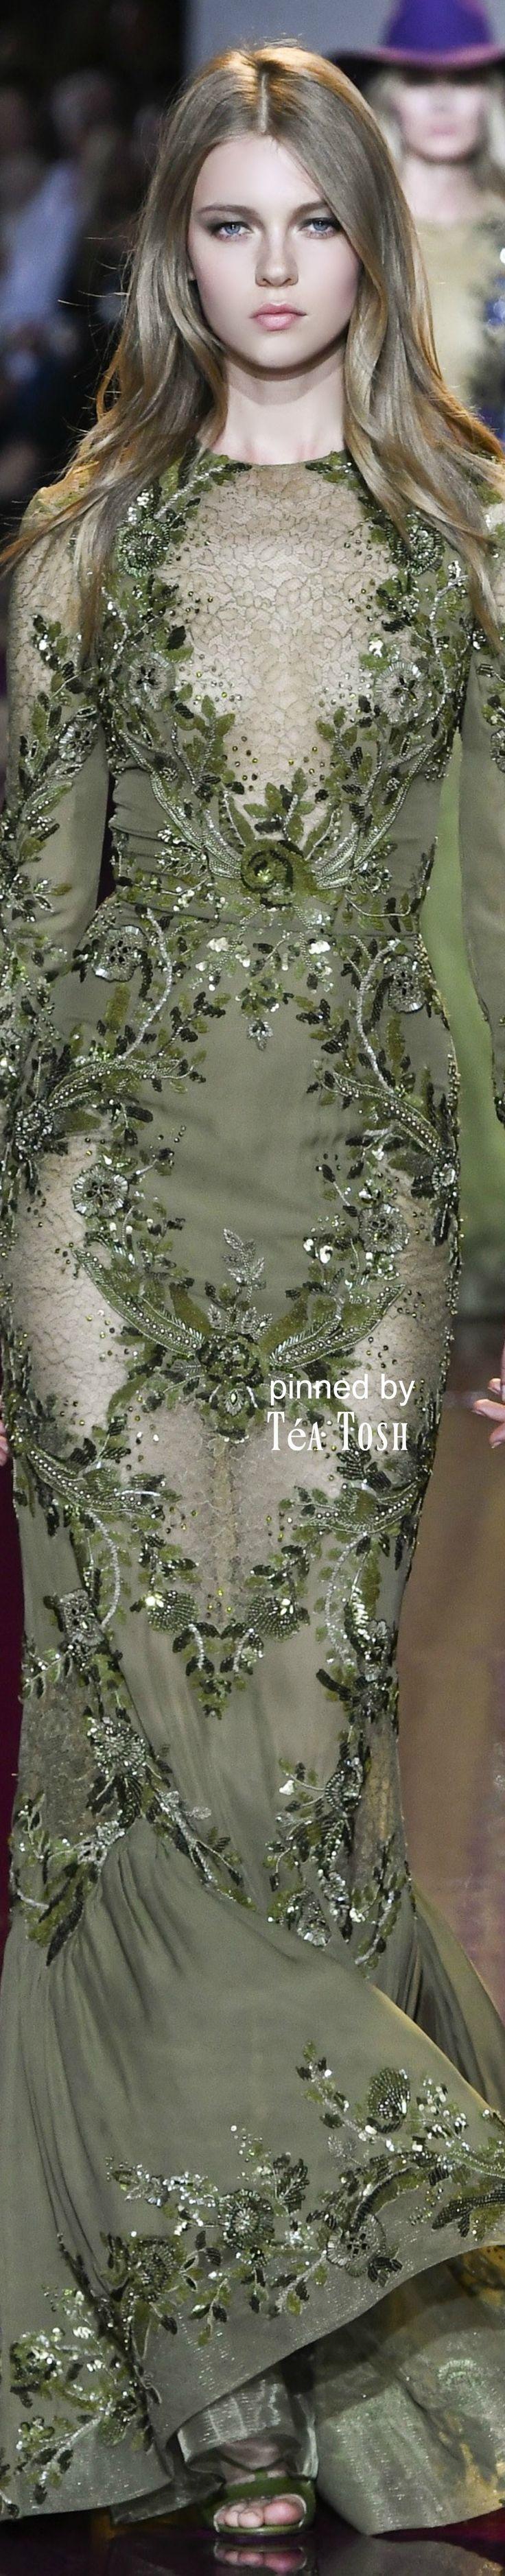 ❇Téa Tosh❇Zuhair Murad, Fall 2016, Couture Fashion